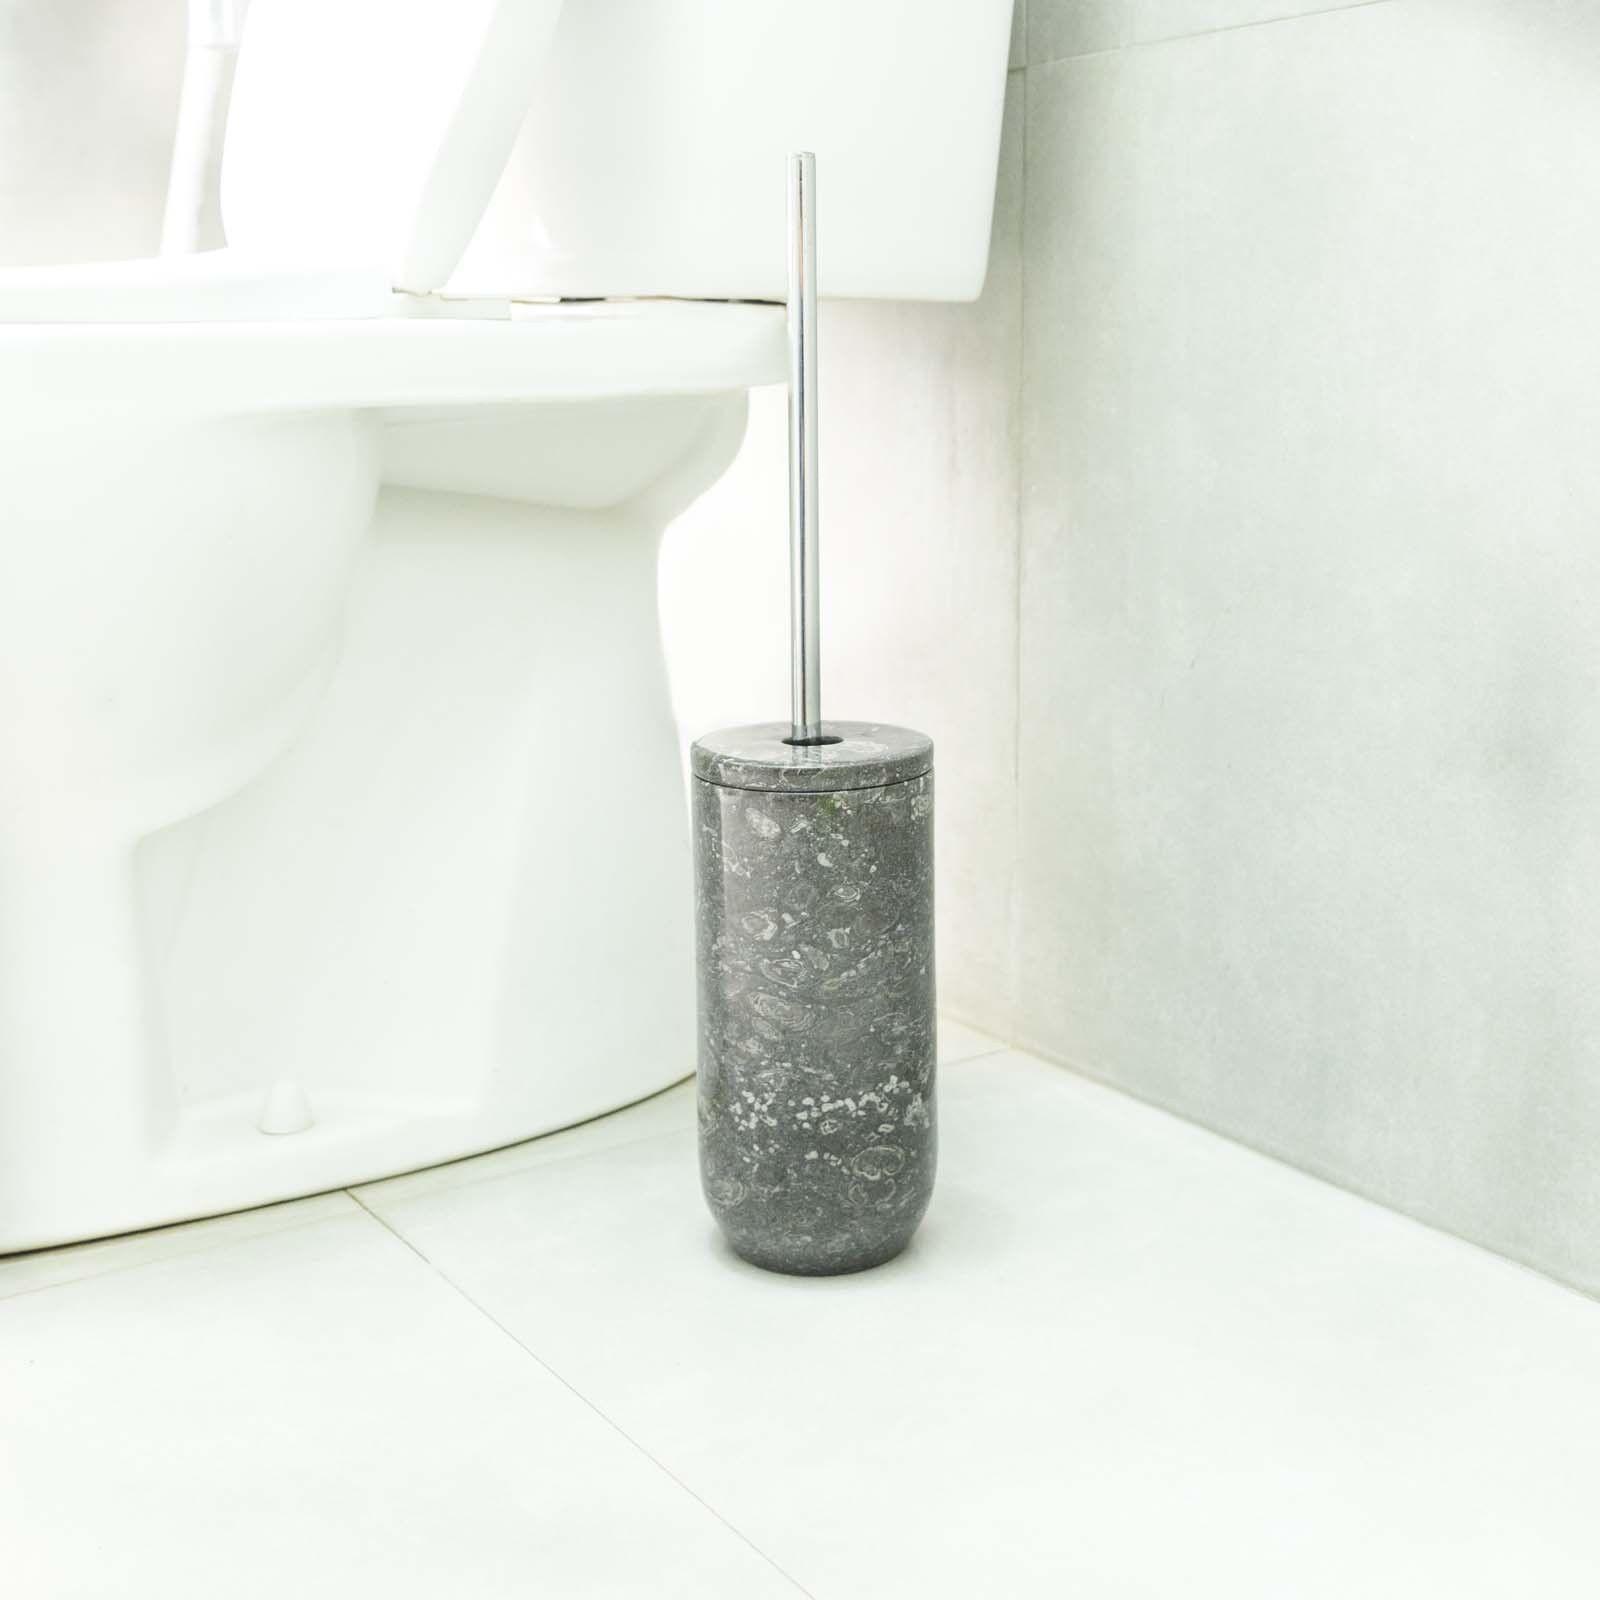 Naturstein Toilettenbürsten-Halter Marmor Klobürstenhalter anthrazit wohnfreuden